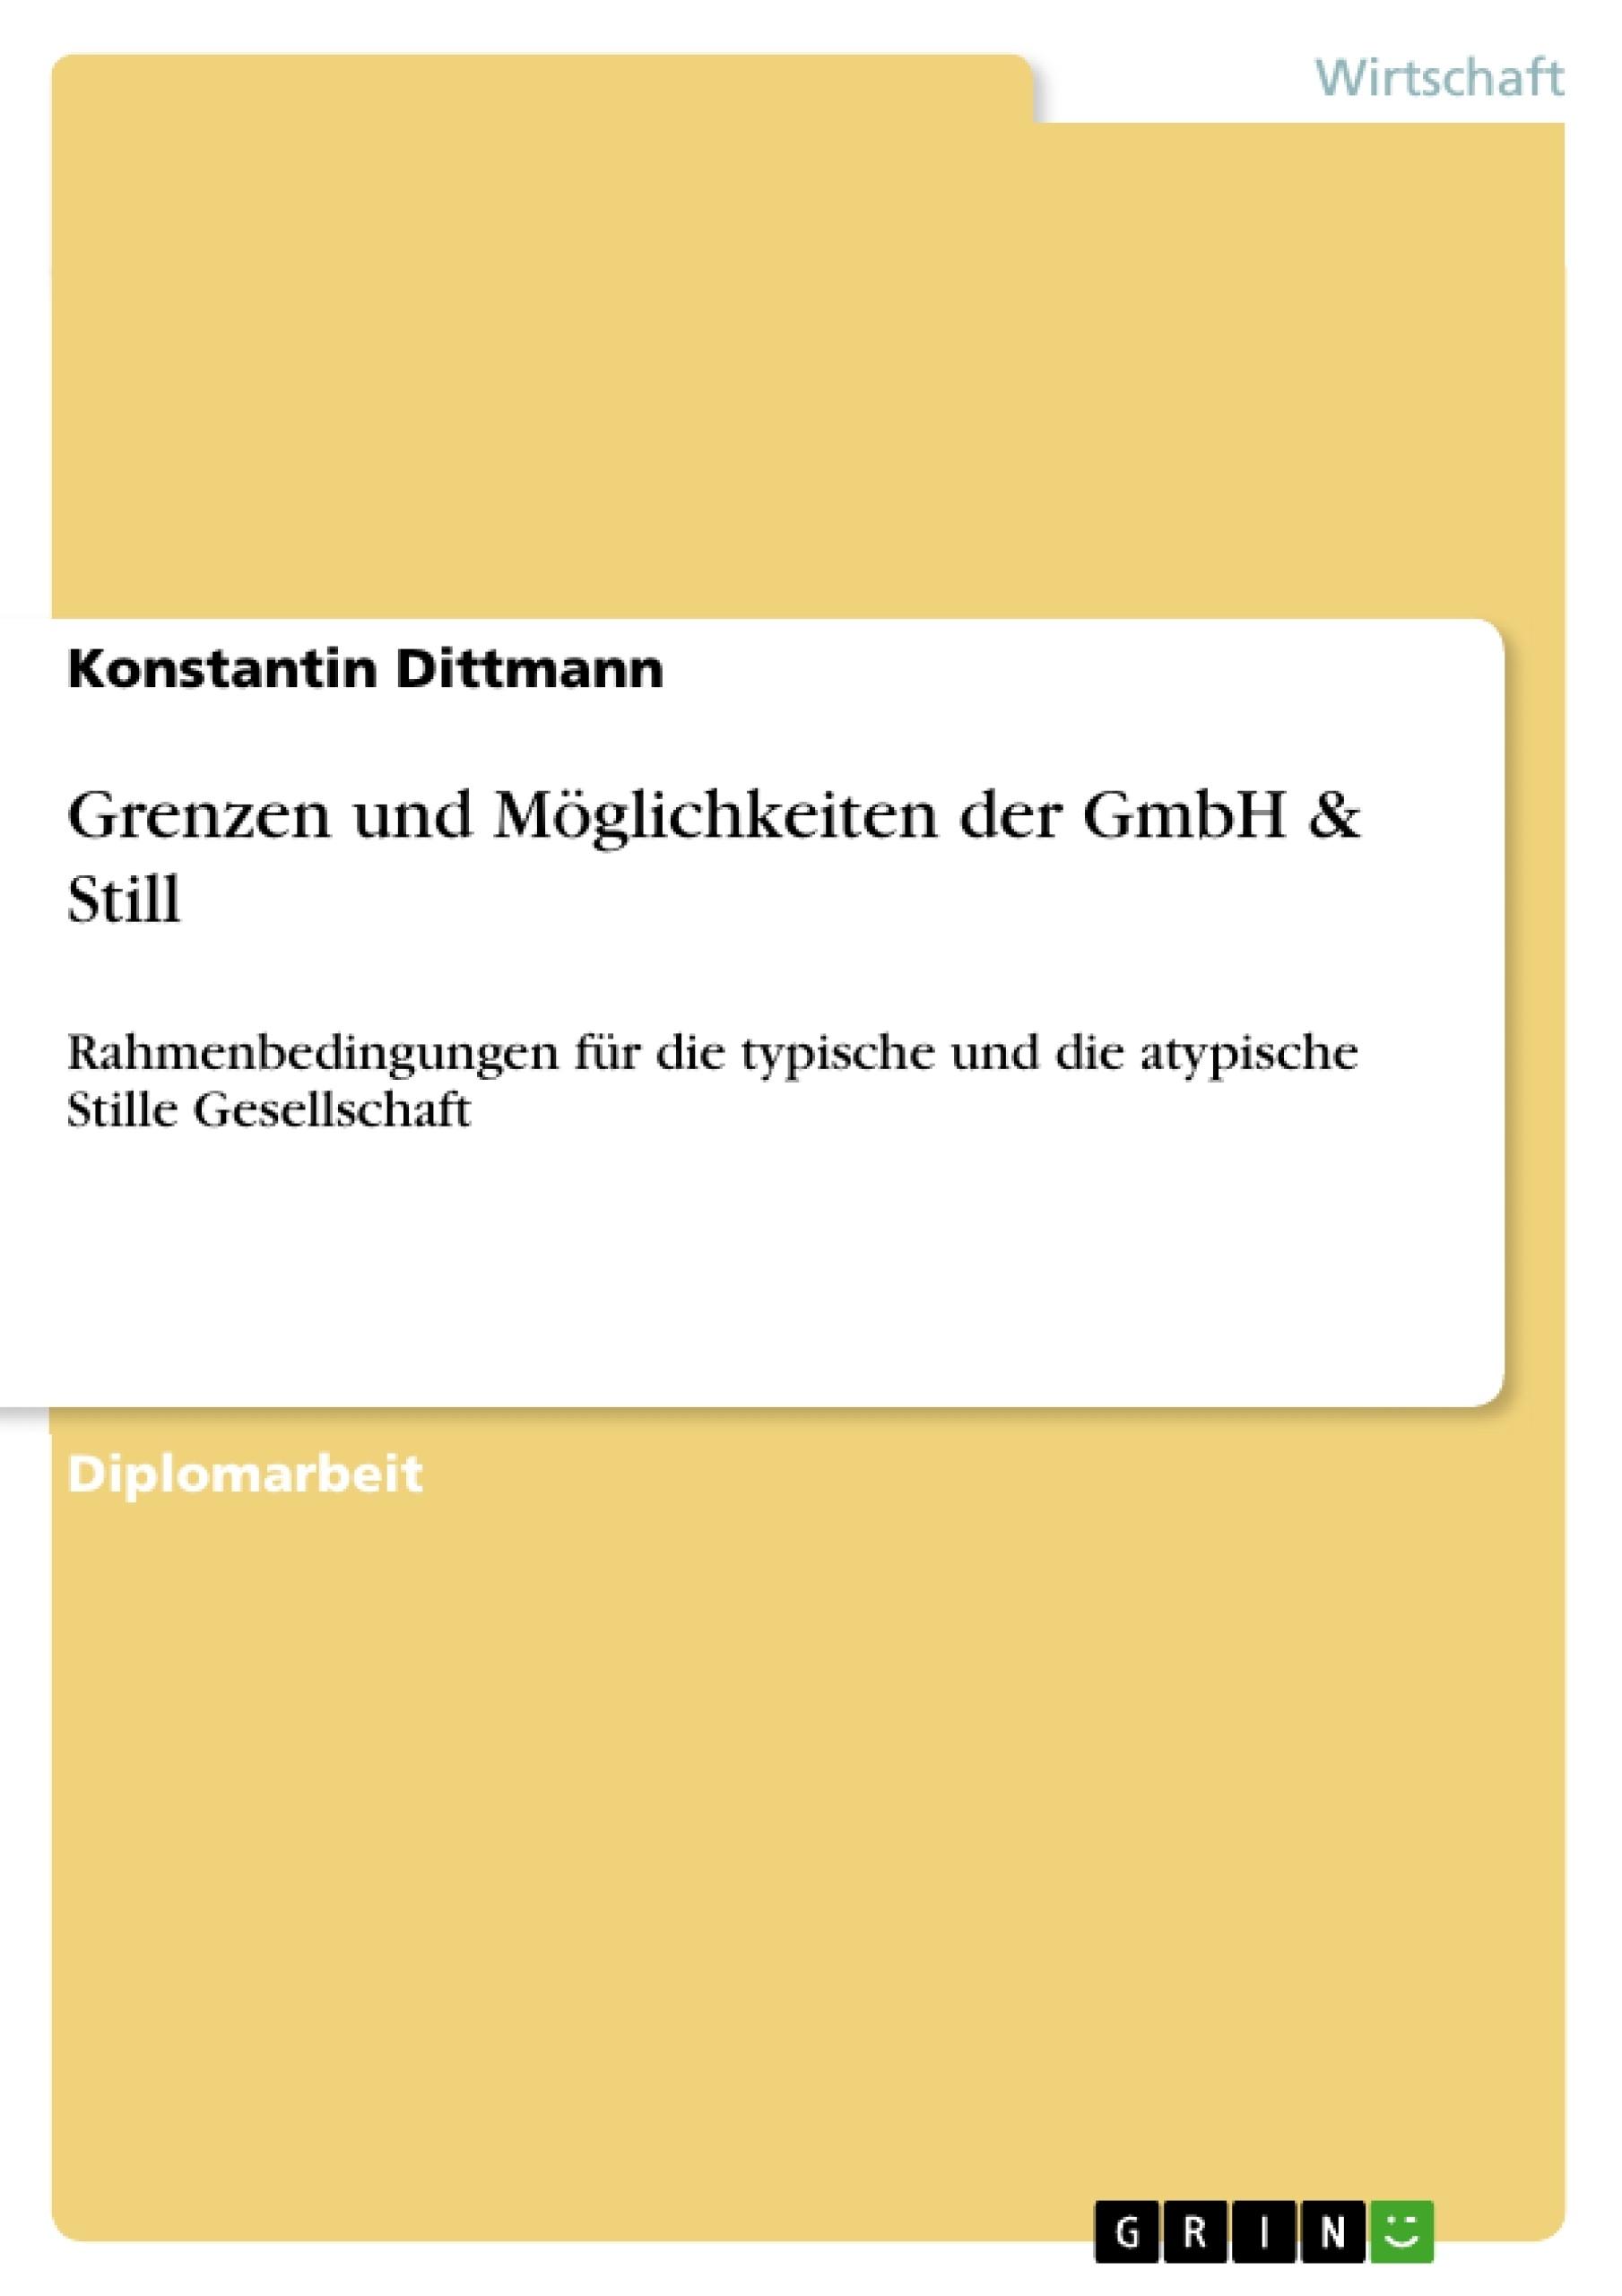 Titel: Grenzen und Möglichkeiten der GmbH & Still